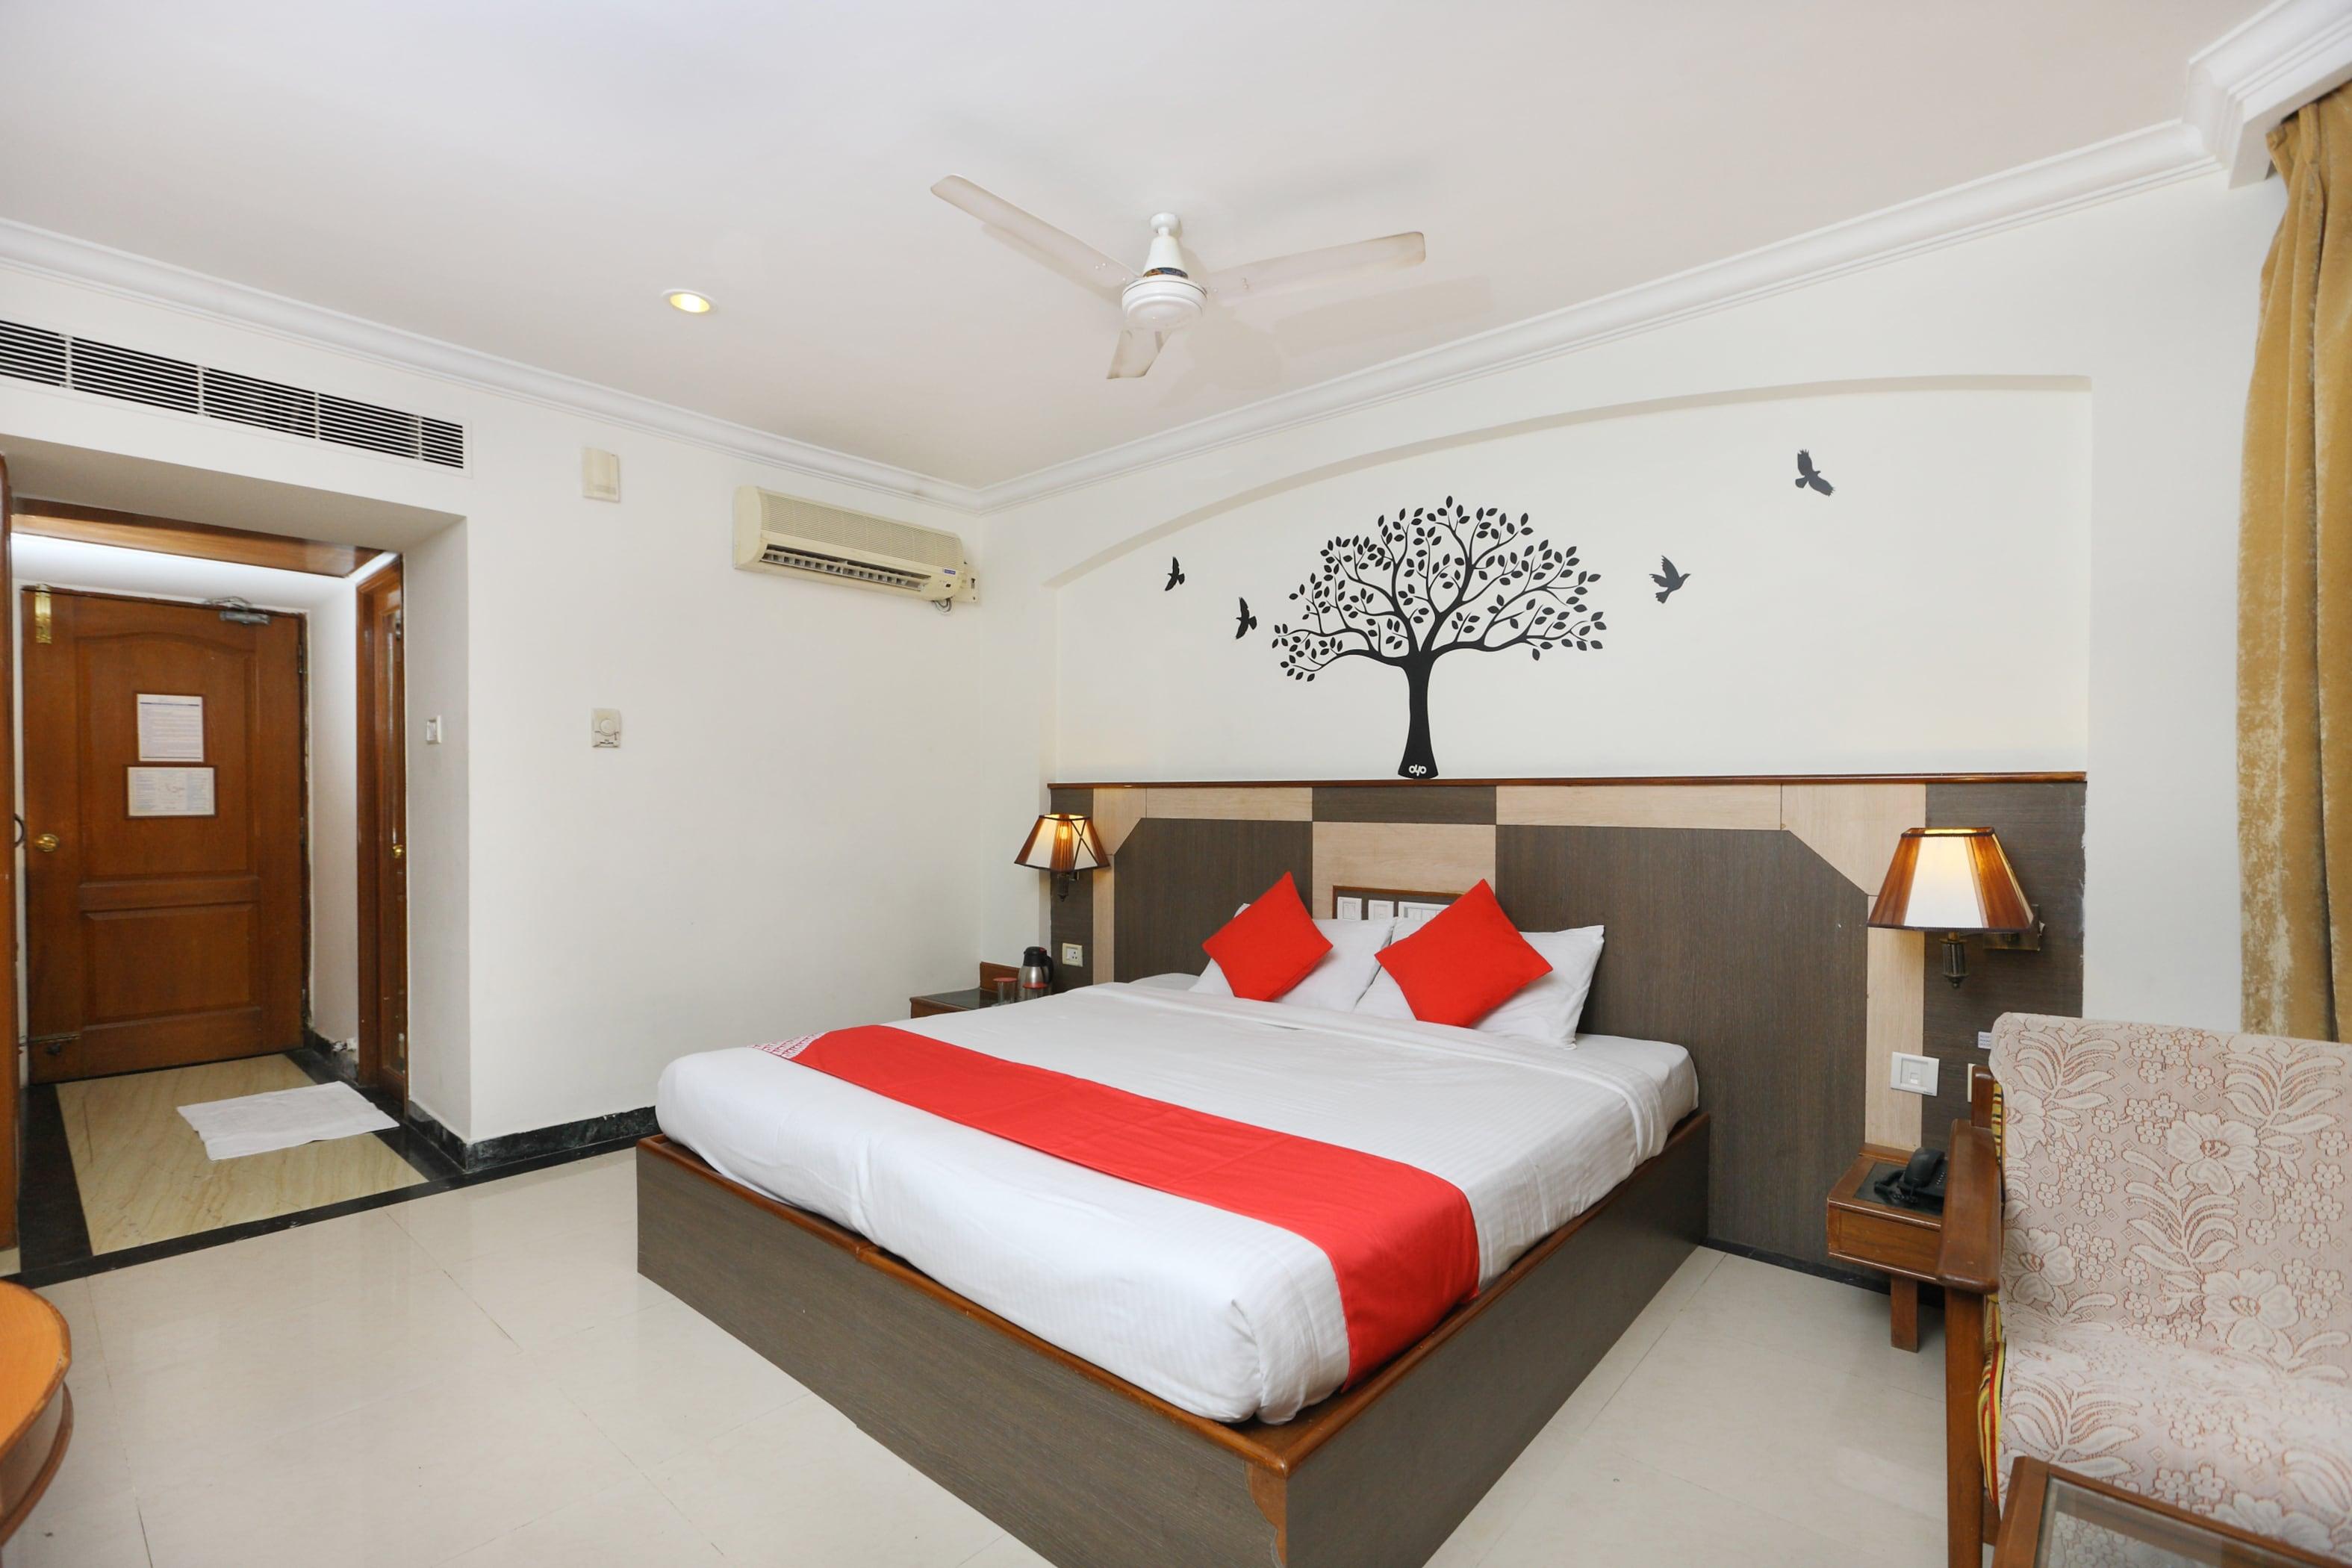 220 - Hotels near Tirumala Venkateswara Temple Tirupati @ ₹669